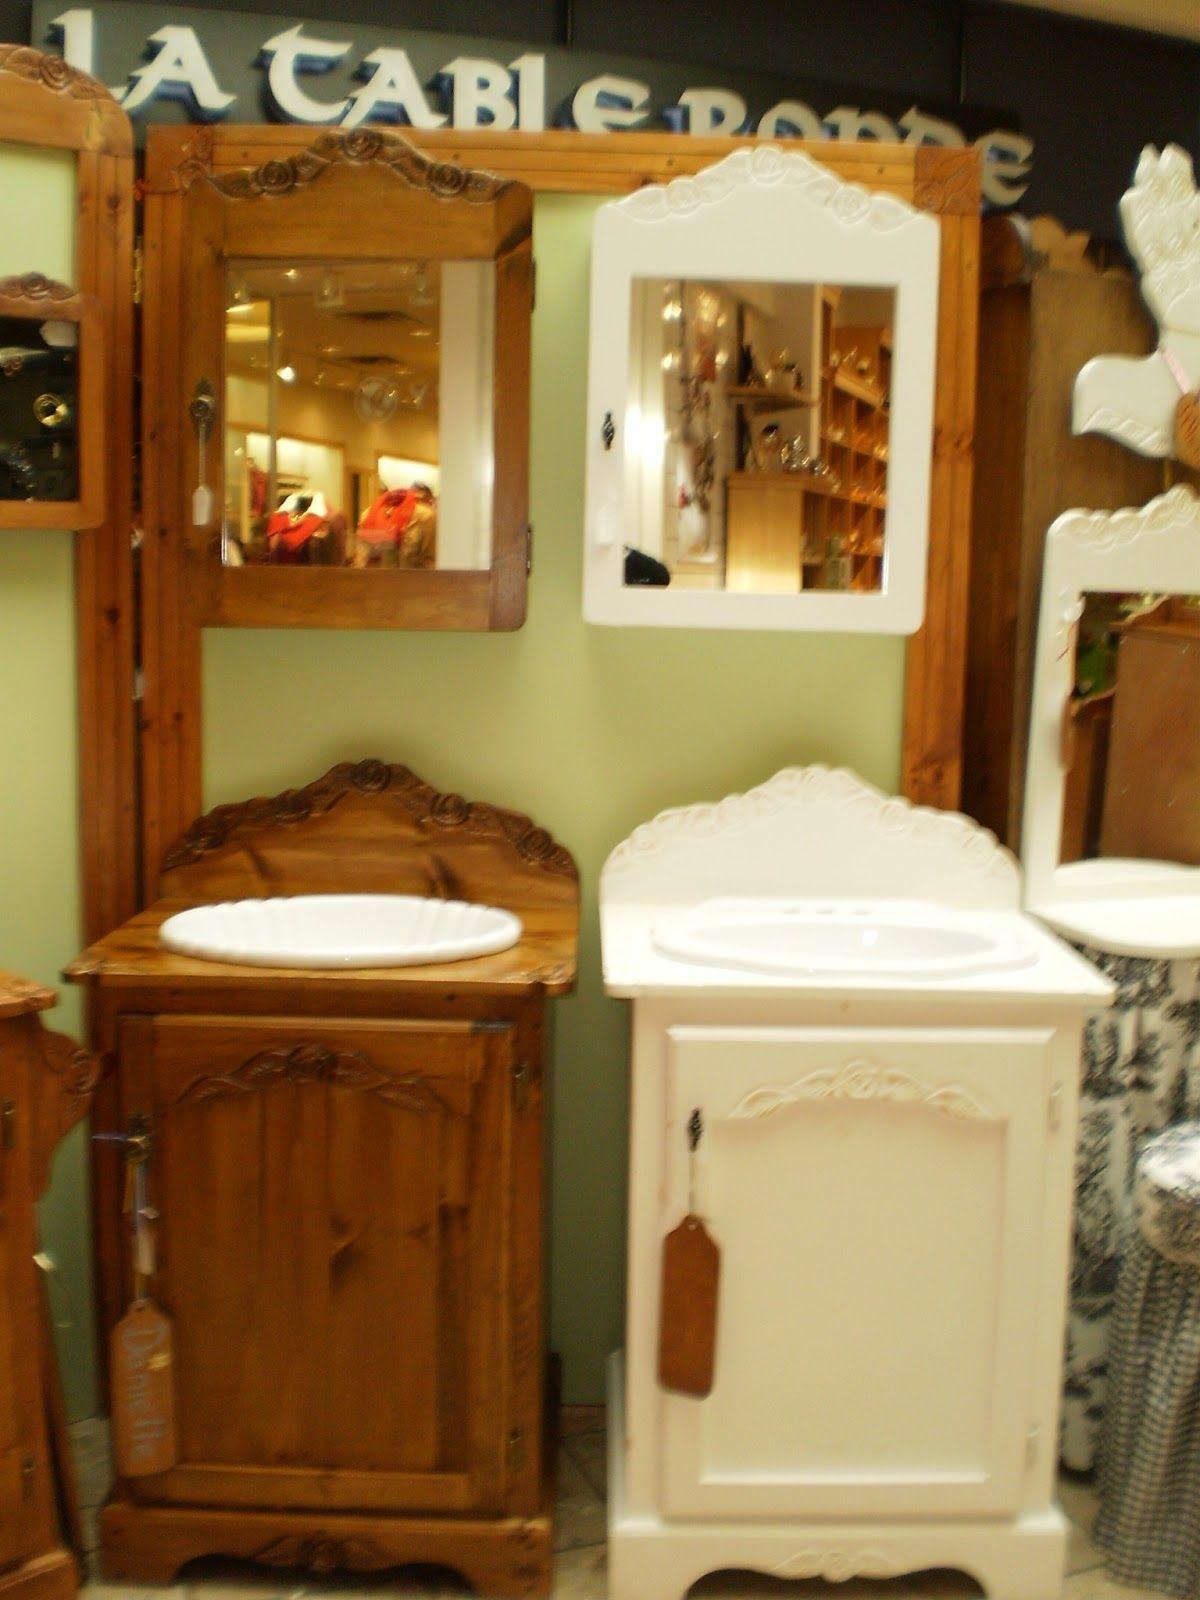 small bathroom vanities or sink cabinets floating on custom bathroom vanity plans id=92346